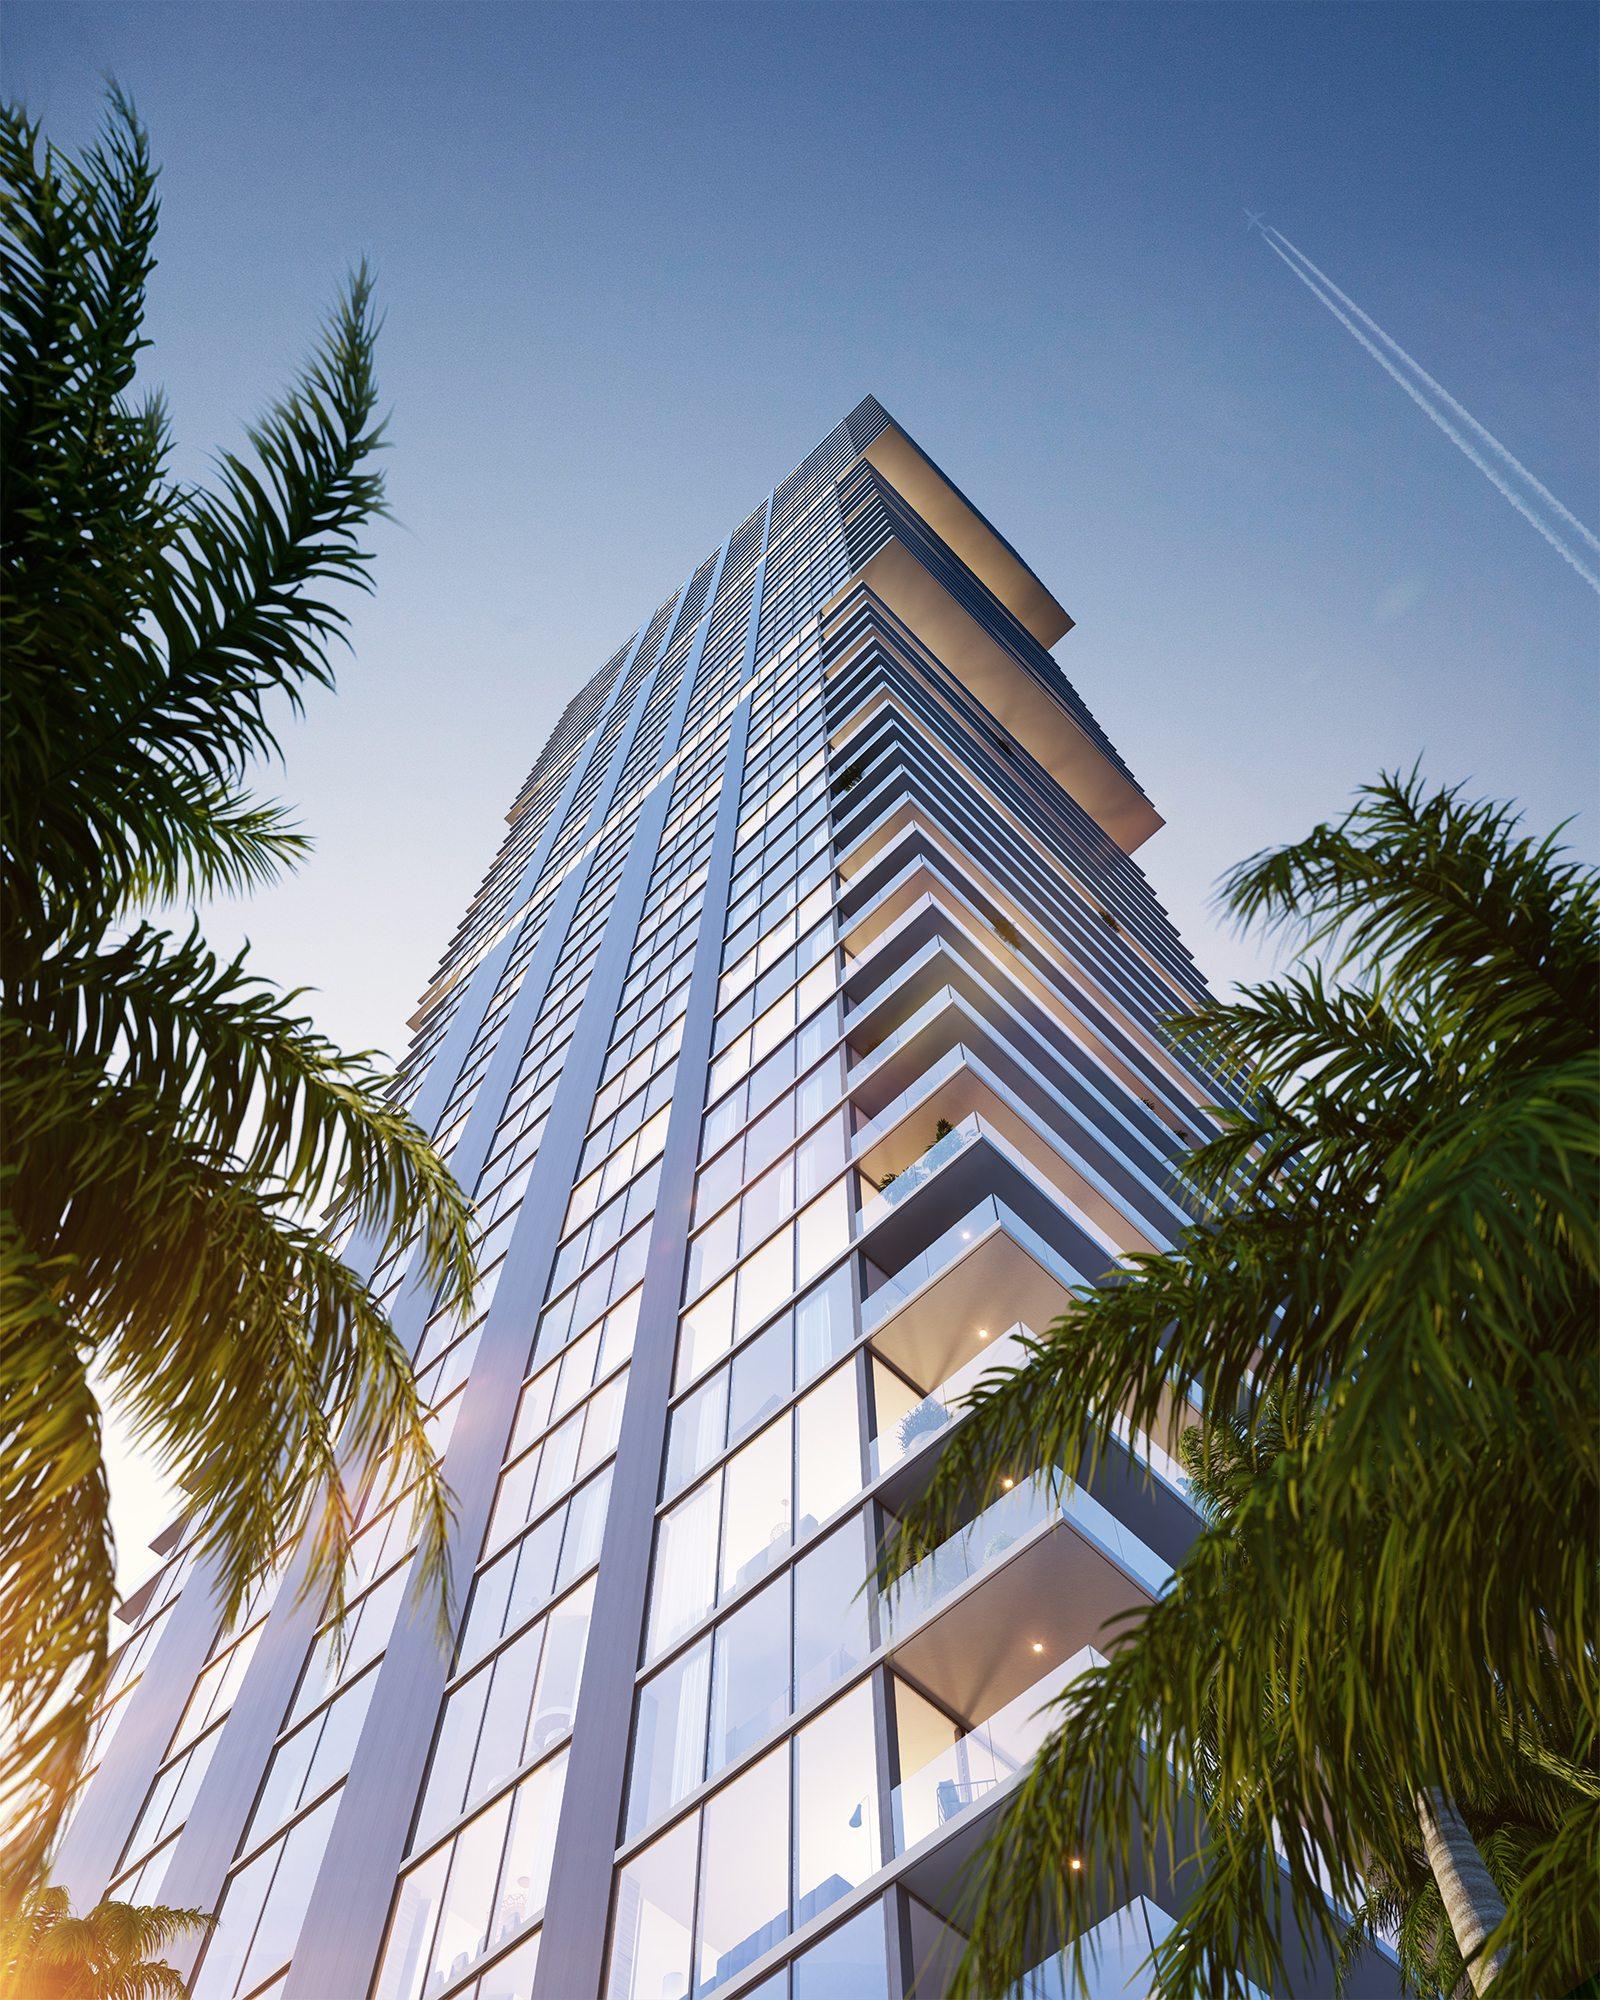 3. Elysee Miami Vertical View